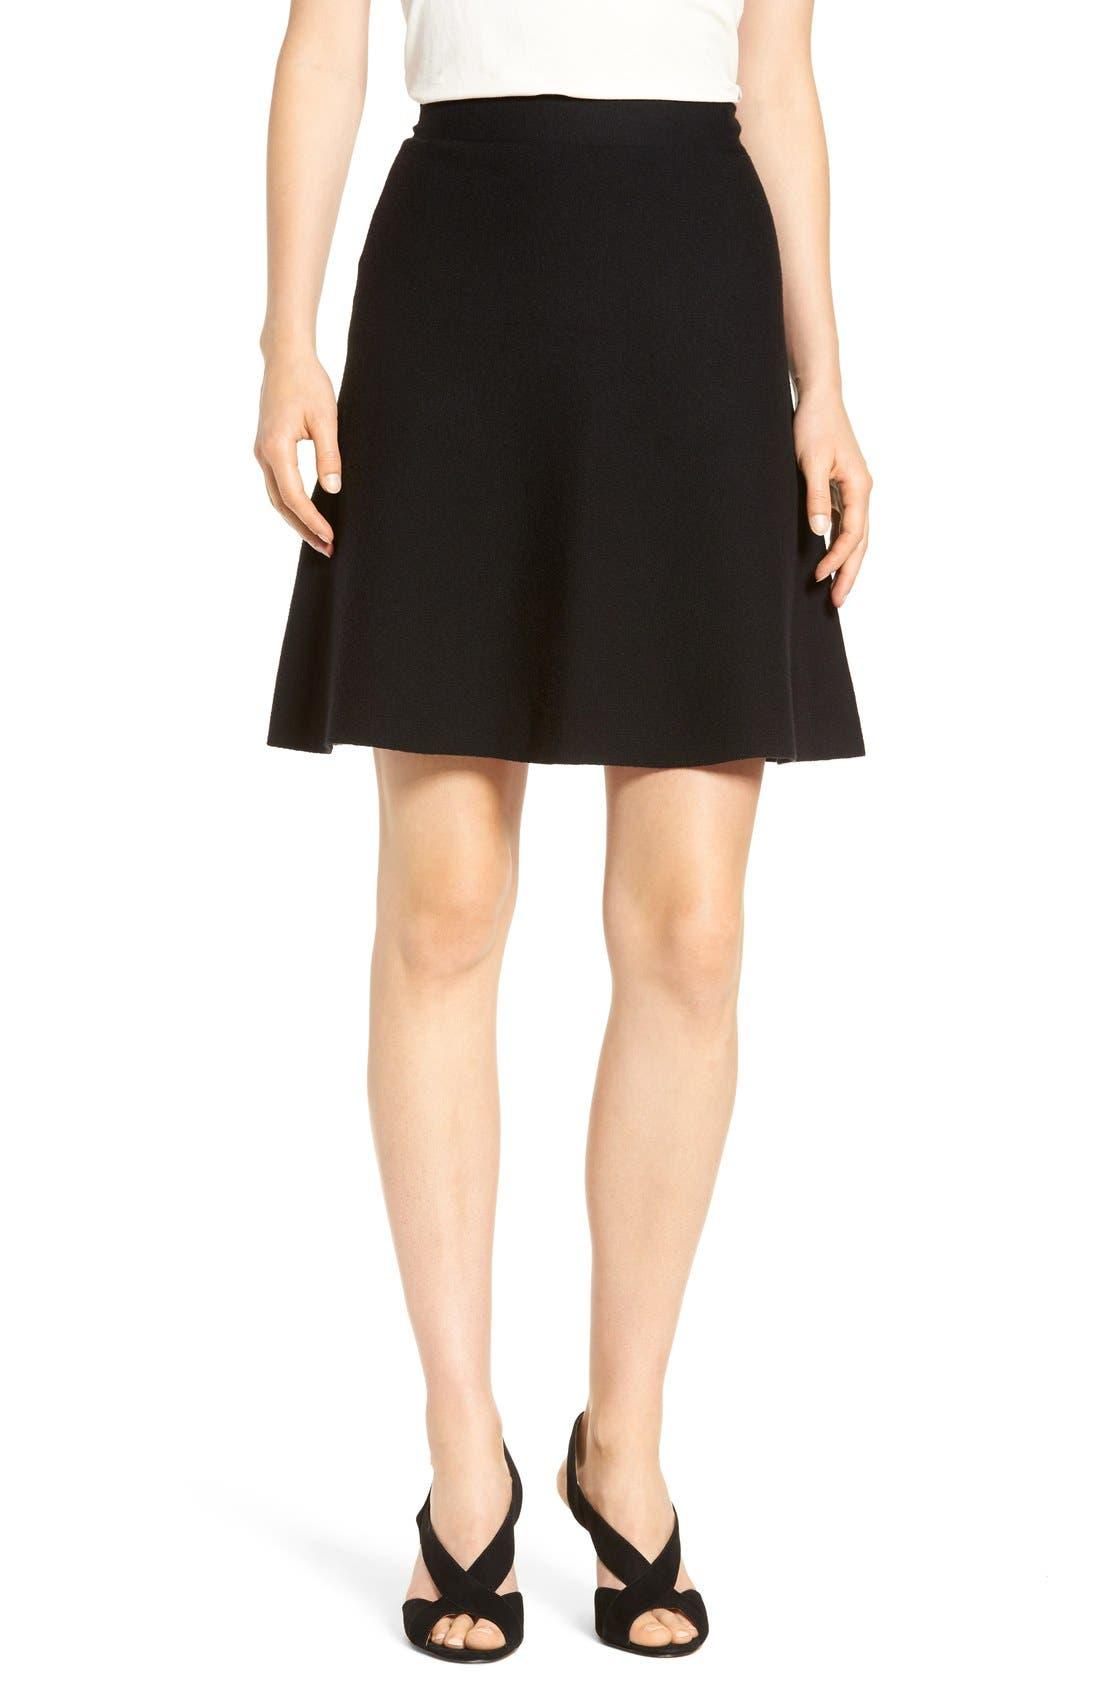 Alternate Image 1 Selected - Halogen® Knit Skater Skirt (Regular & Petite)